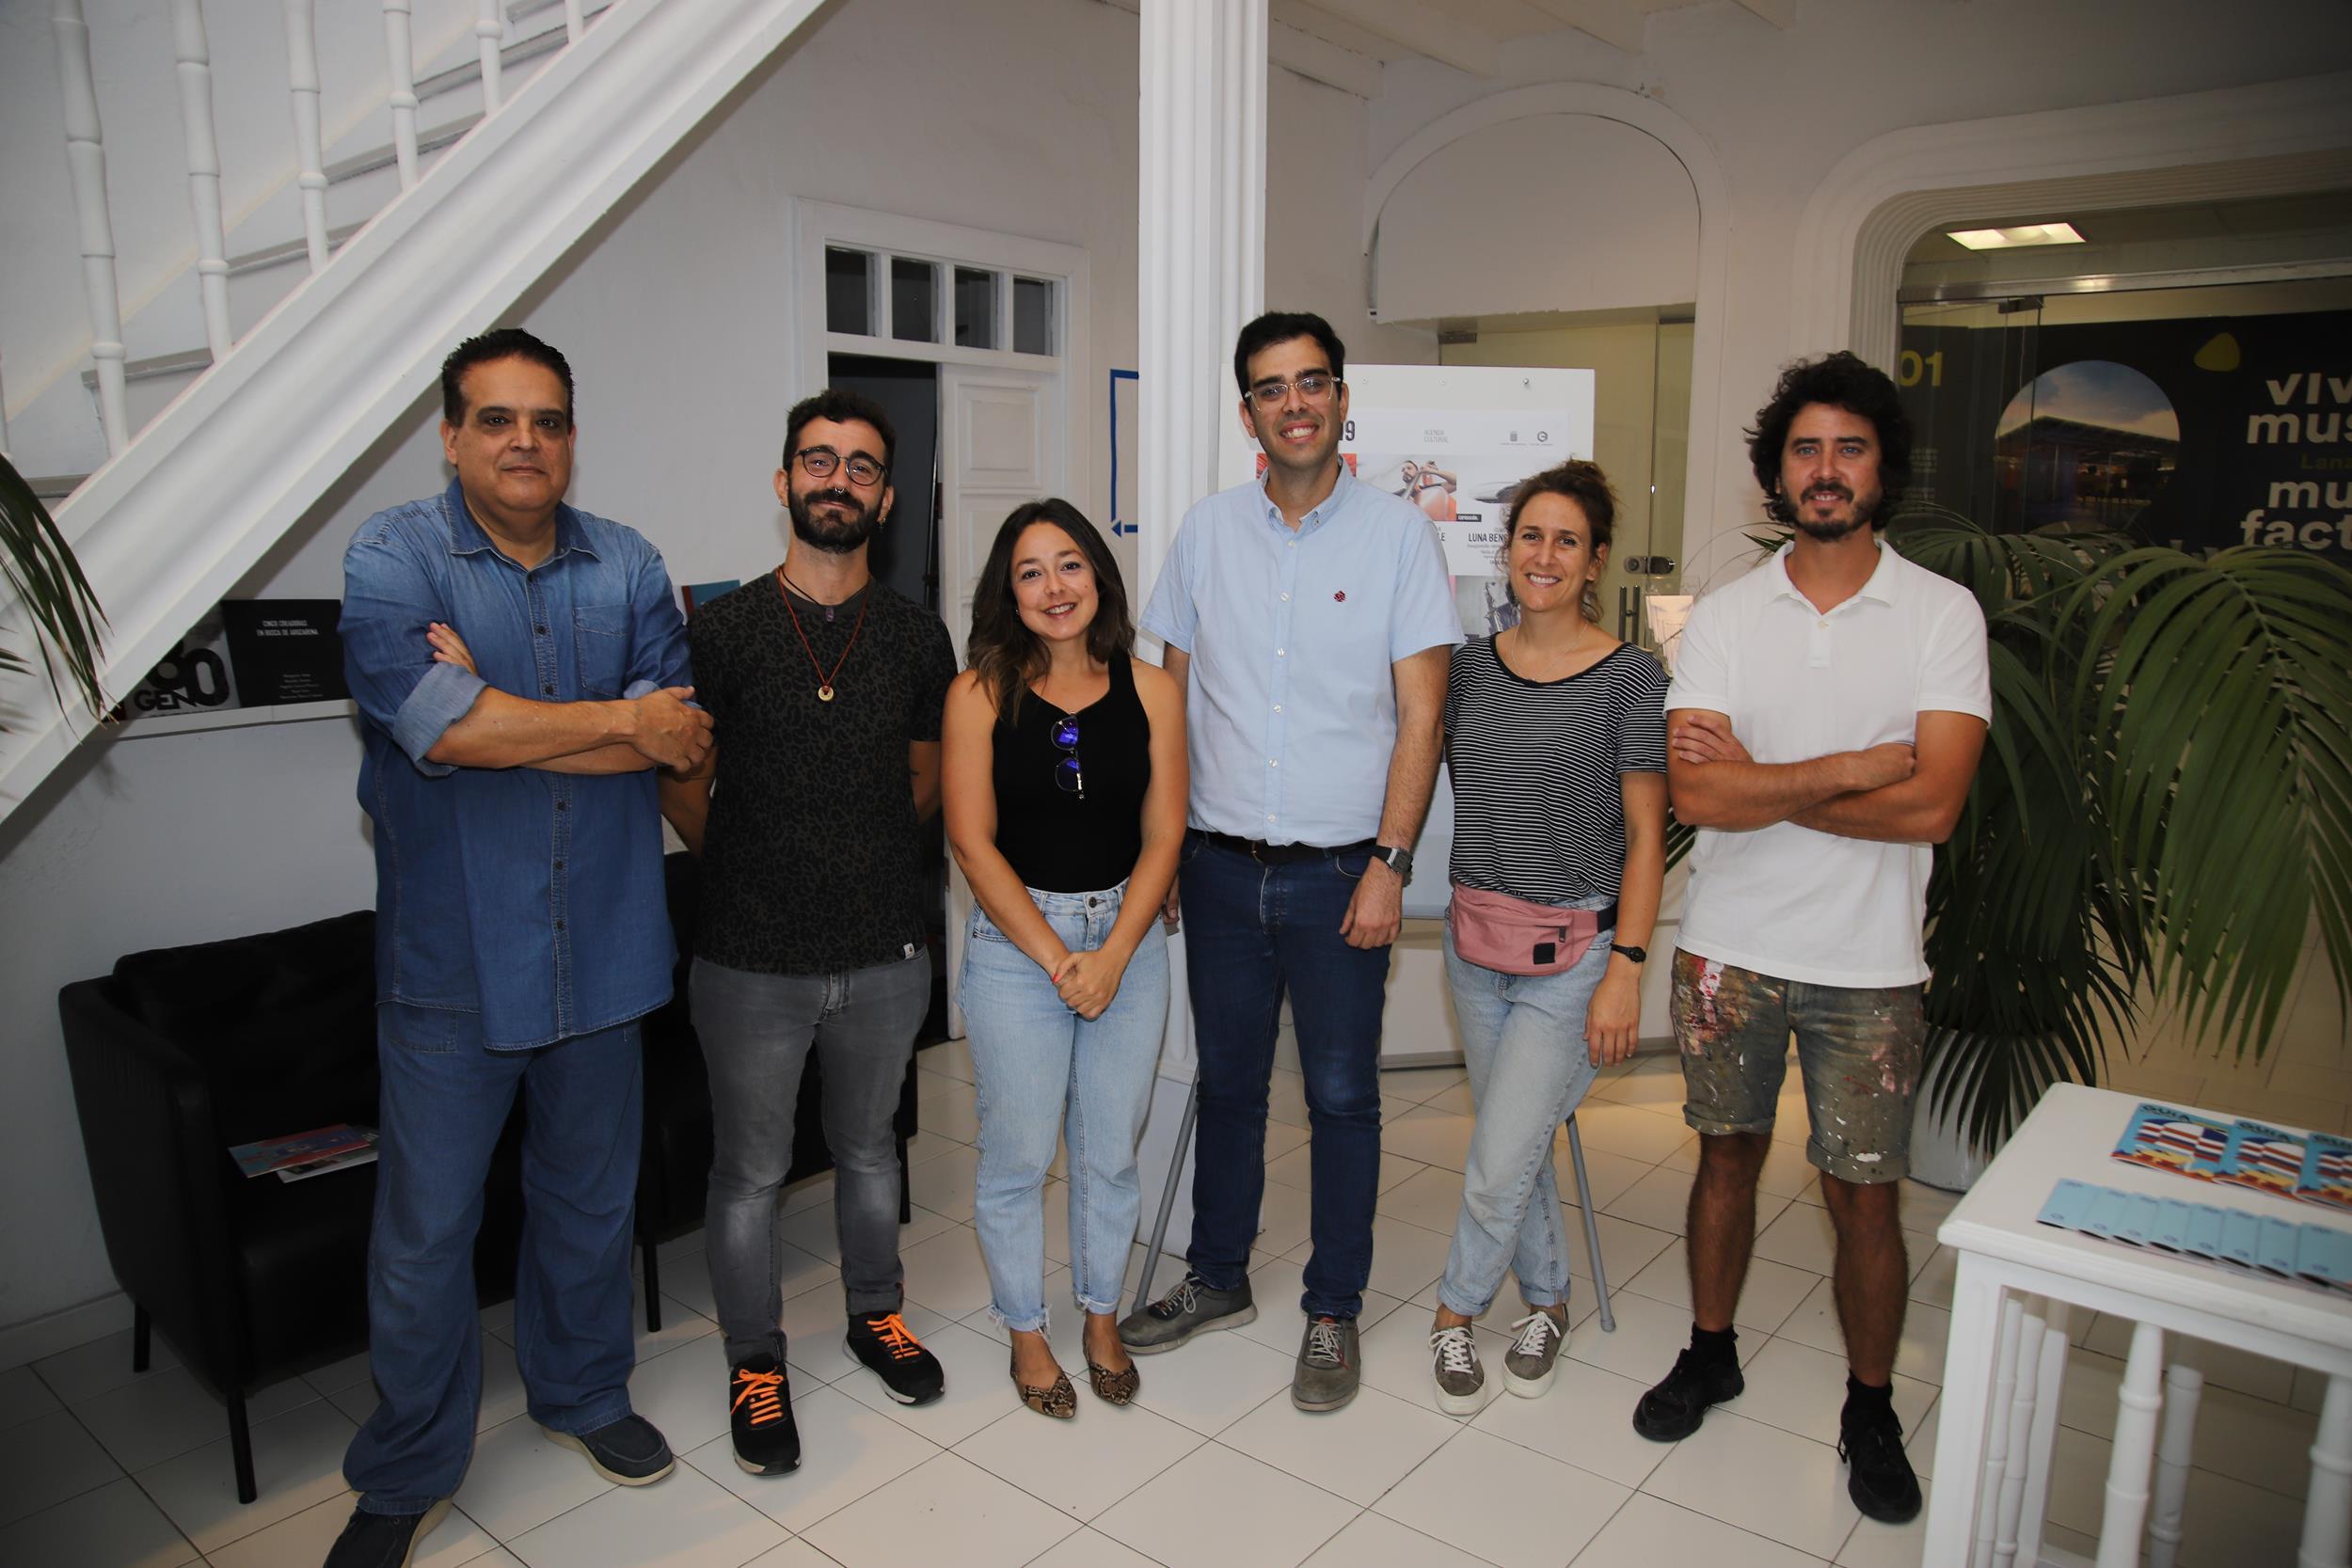 Luna Bengoechea, Daniel Jordán y Damián Rodríguez muestran su últimas obras en el CIC El Almacén